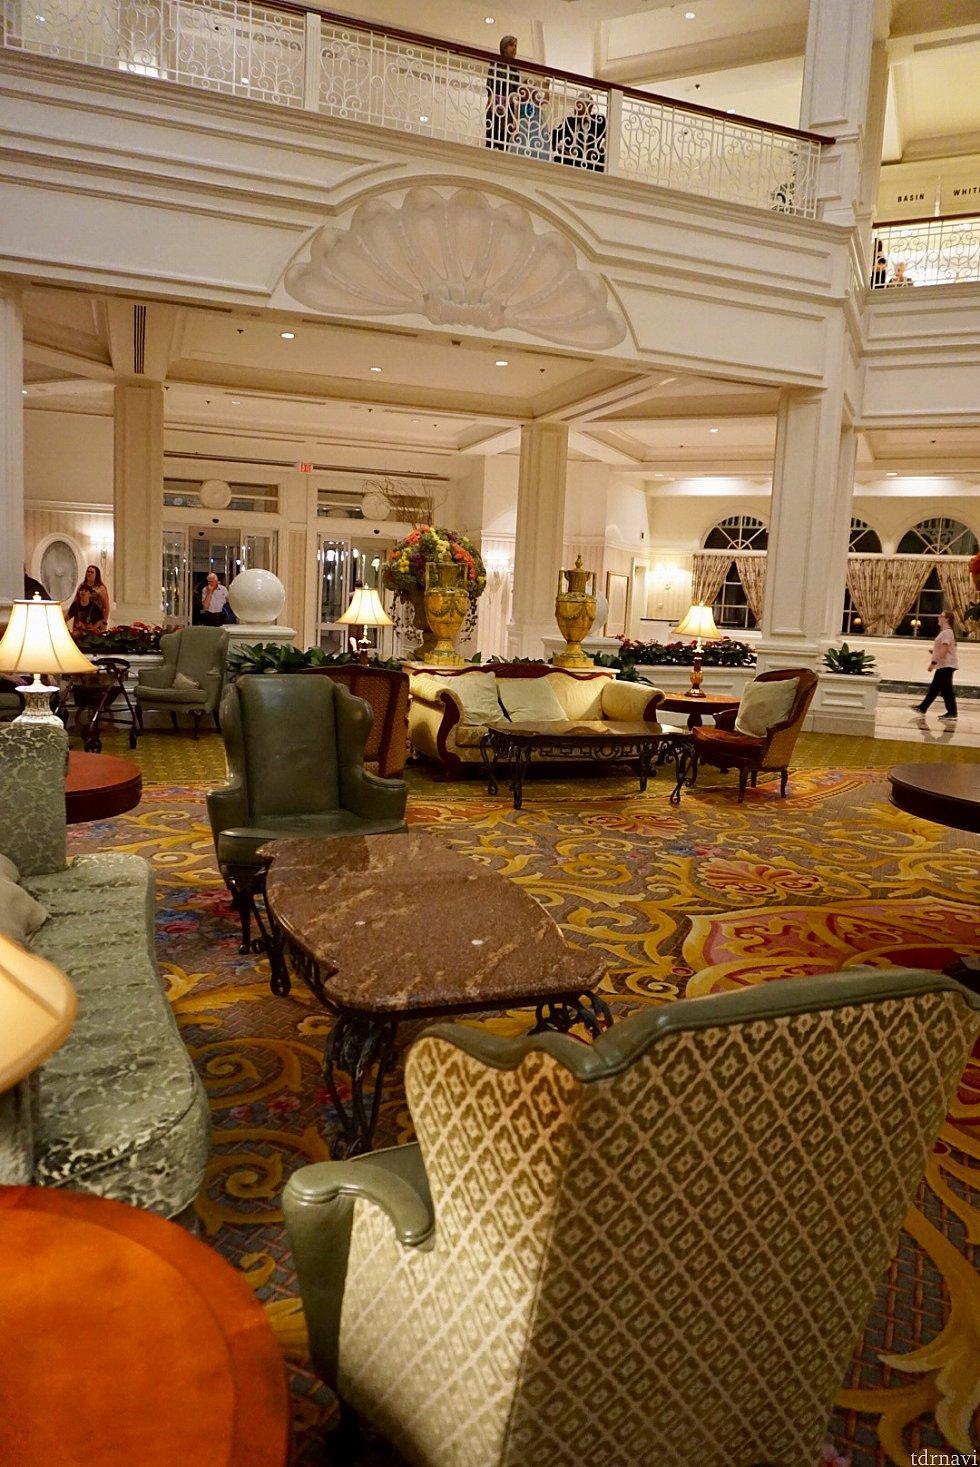 ハネムーンカップルに人気のこのホテル。隣接のシンデレラ城が見えるチャペルから、カボチャの馬車に乗れるウェディングは日本人カップルに人気だとか。